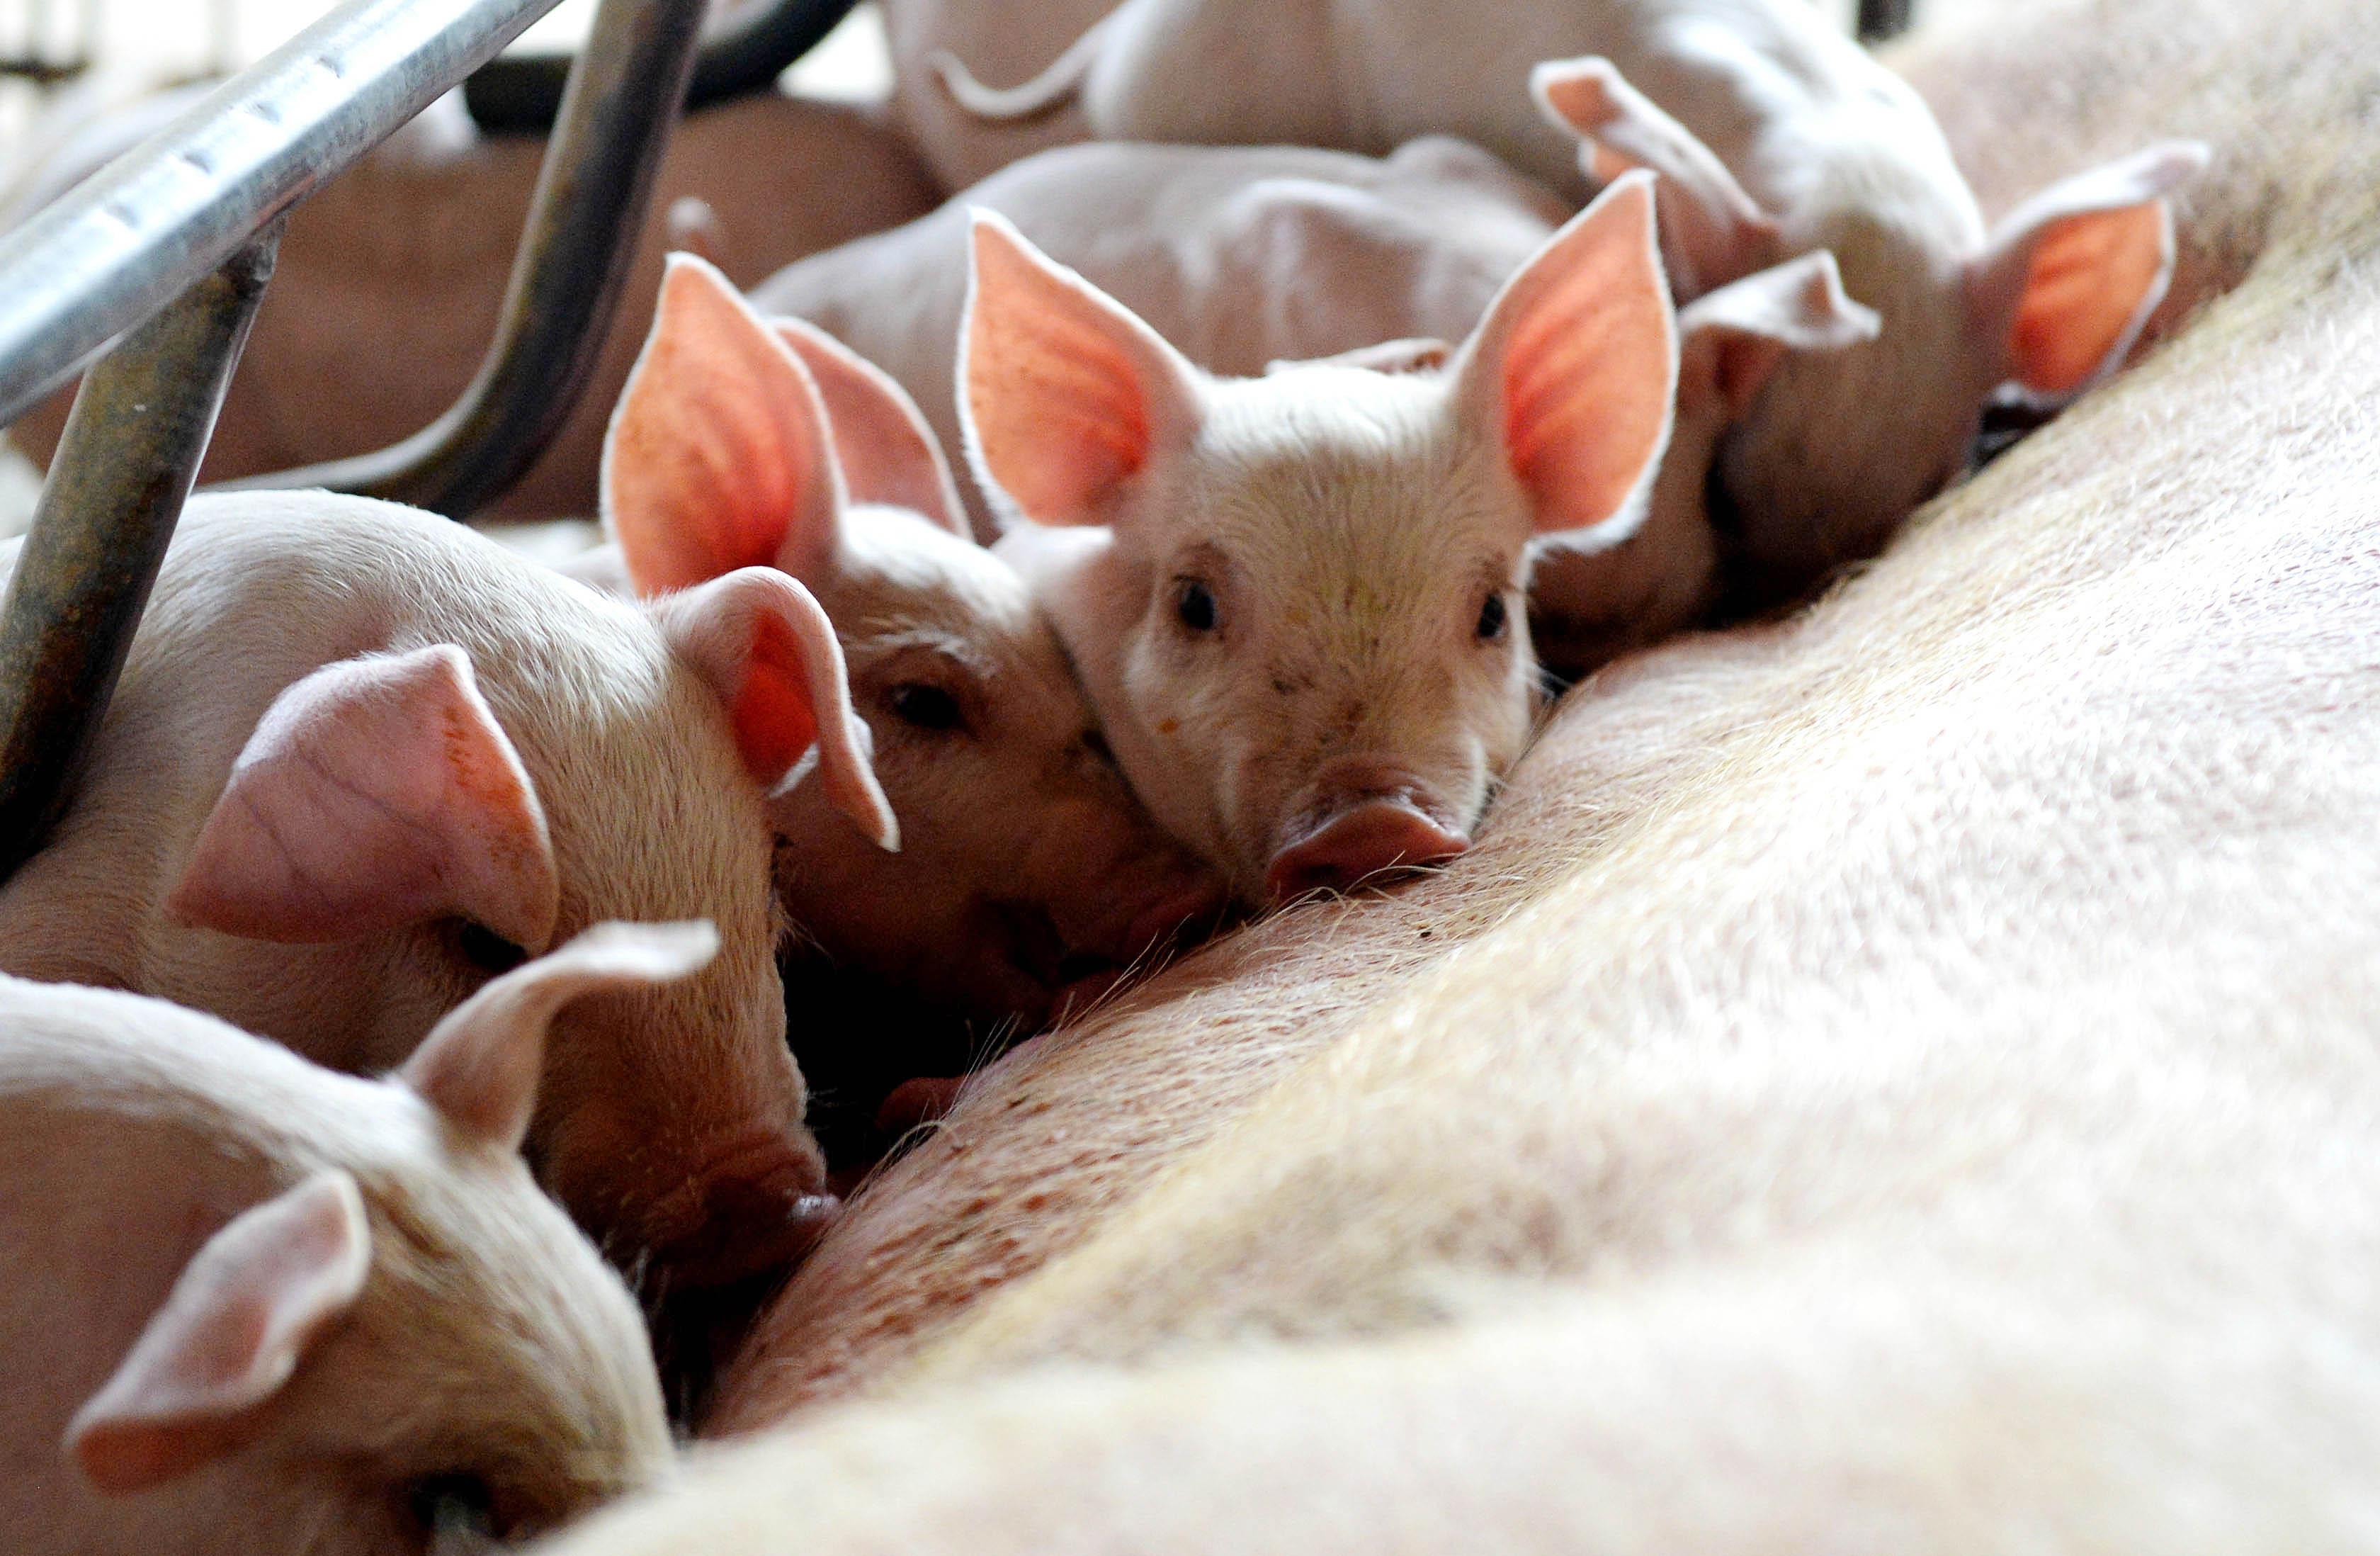 养殖专业户纳入备案范围!《广东省农业农村厅种畜禽生产经营许可证发放和畜禽养殖备案办法》印发